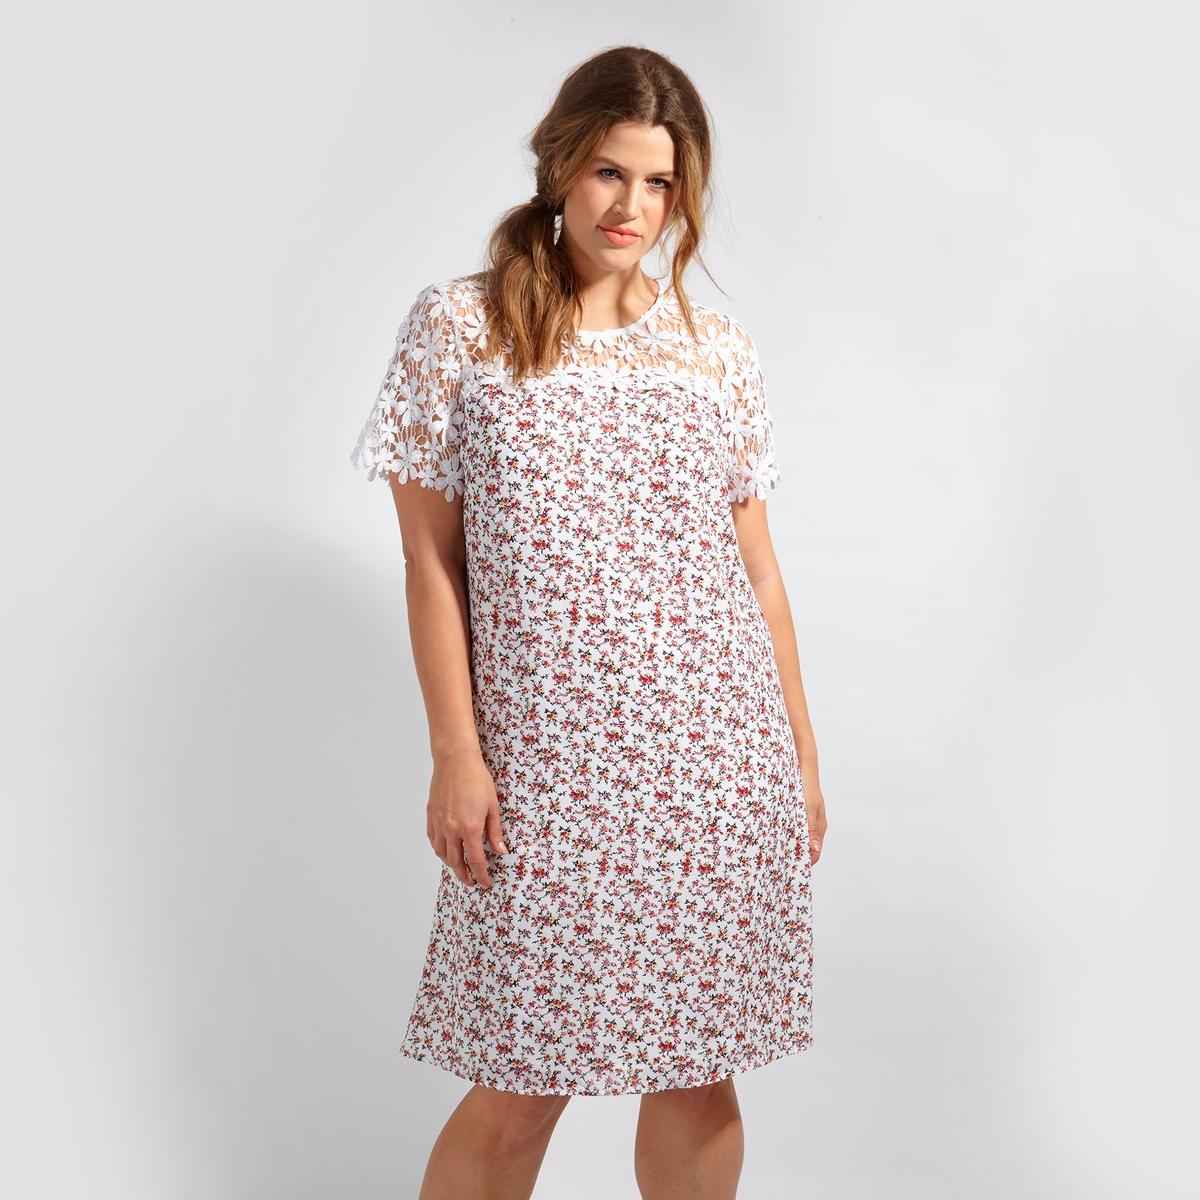 ПлатьеПлатье с короткими рукавами LOVEDROBE. Красивые кружевные вырез и рукава. 100% полиэстер<br><br>Цвет: набивной рисунок<br>Размер: 54/56 (FR) - 60/62 (RUS).48 (FR) - 54 (RUS)